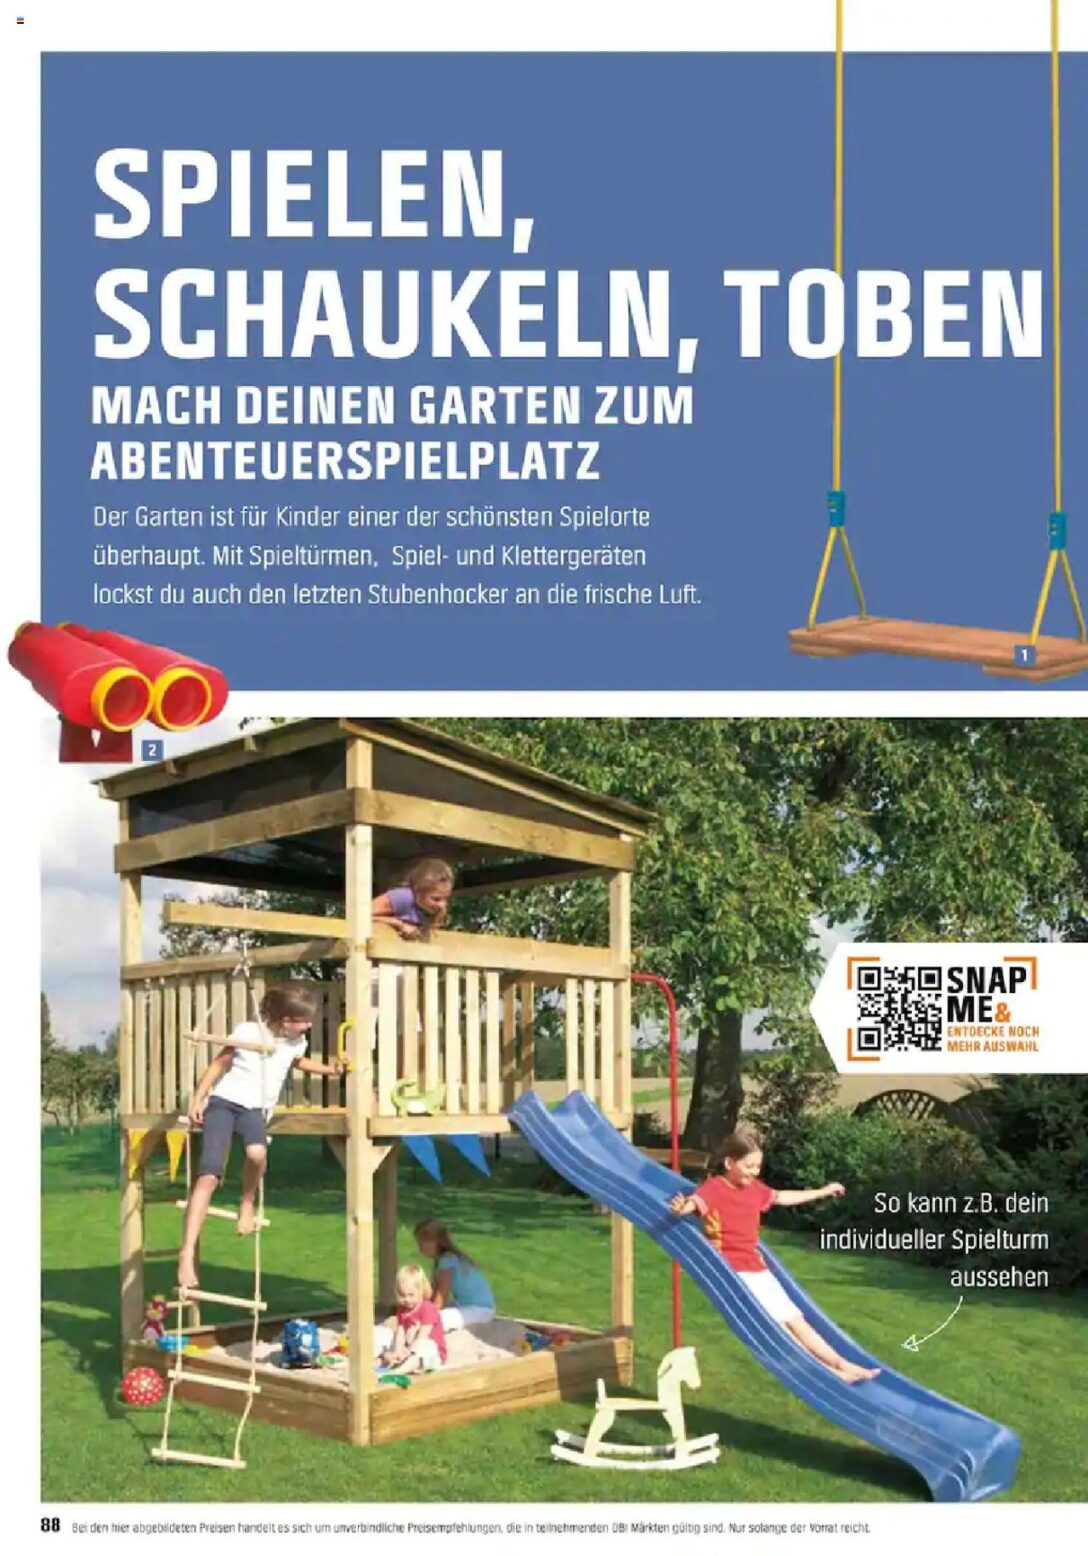 Large Size of Obi Garten Planen Und Gestalten 2020 Von Mittwoch 01012020 Kinderspielturm Bauhaus Fenster Spielturm Wohnzimmer Spielturm Bauhaus